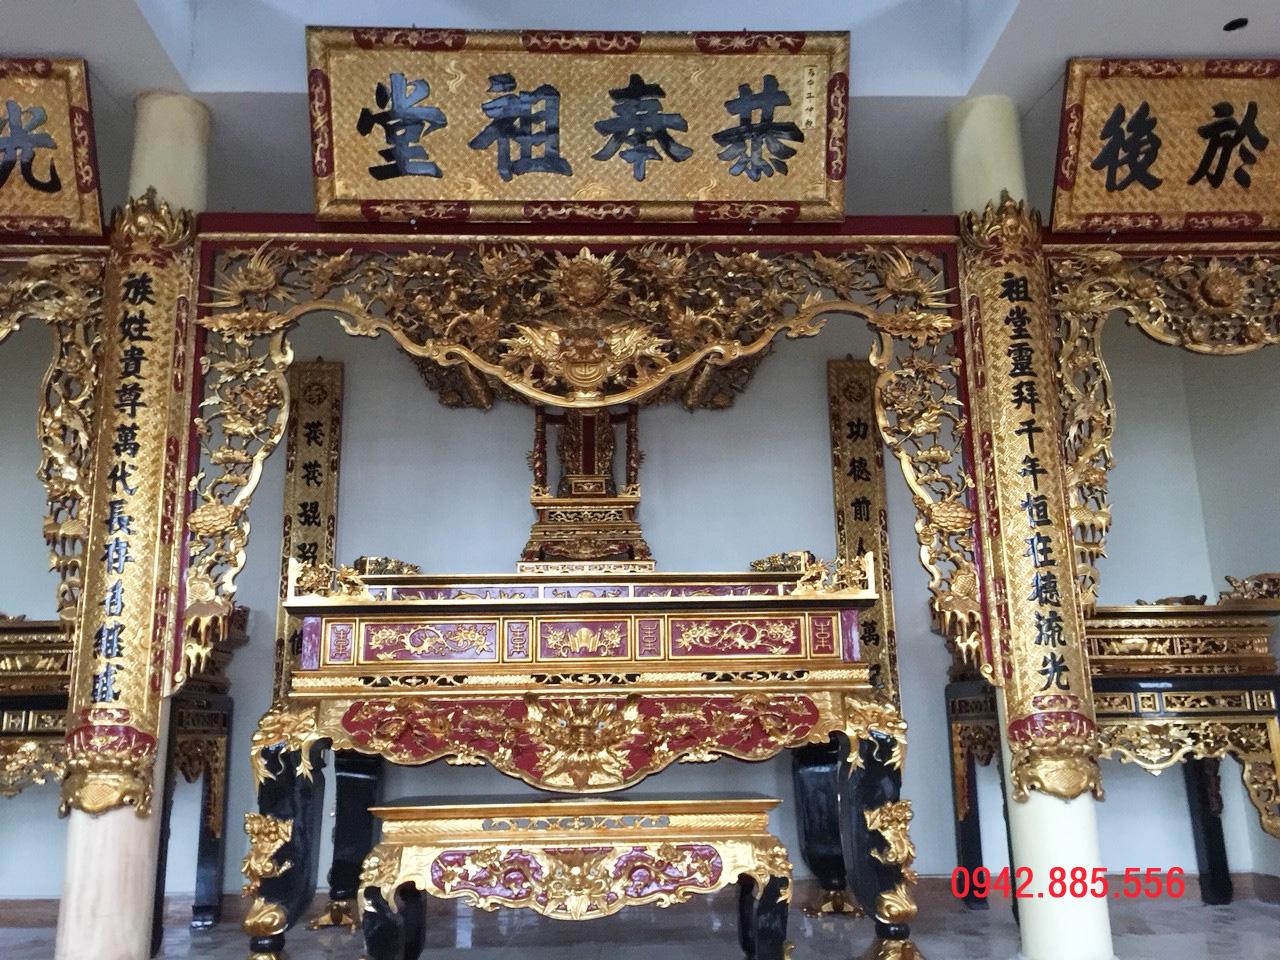 Hình ảnh cửa võng và 2 bàn thờ họ phụ 2 bên